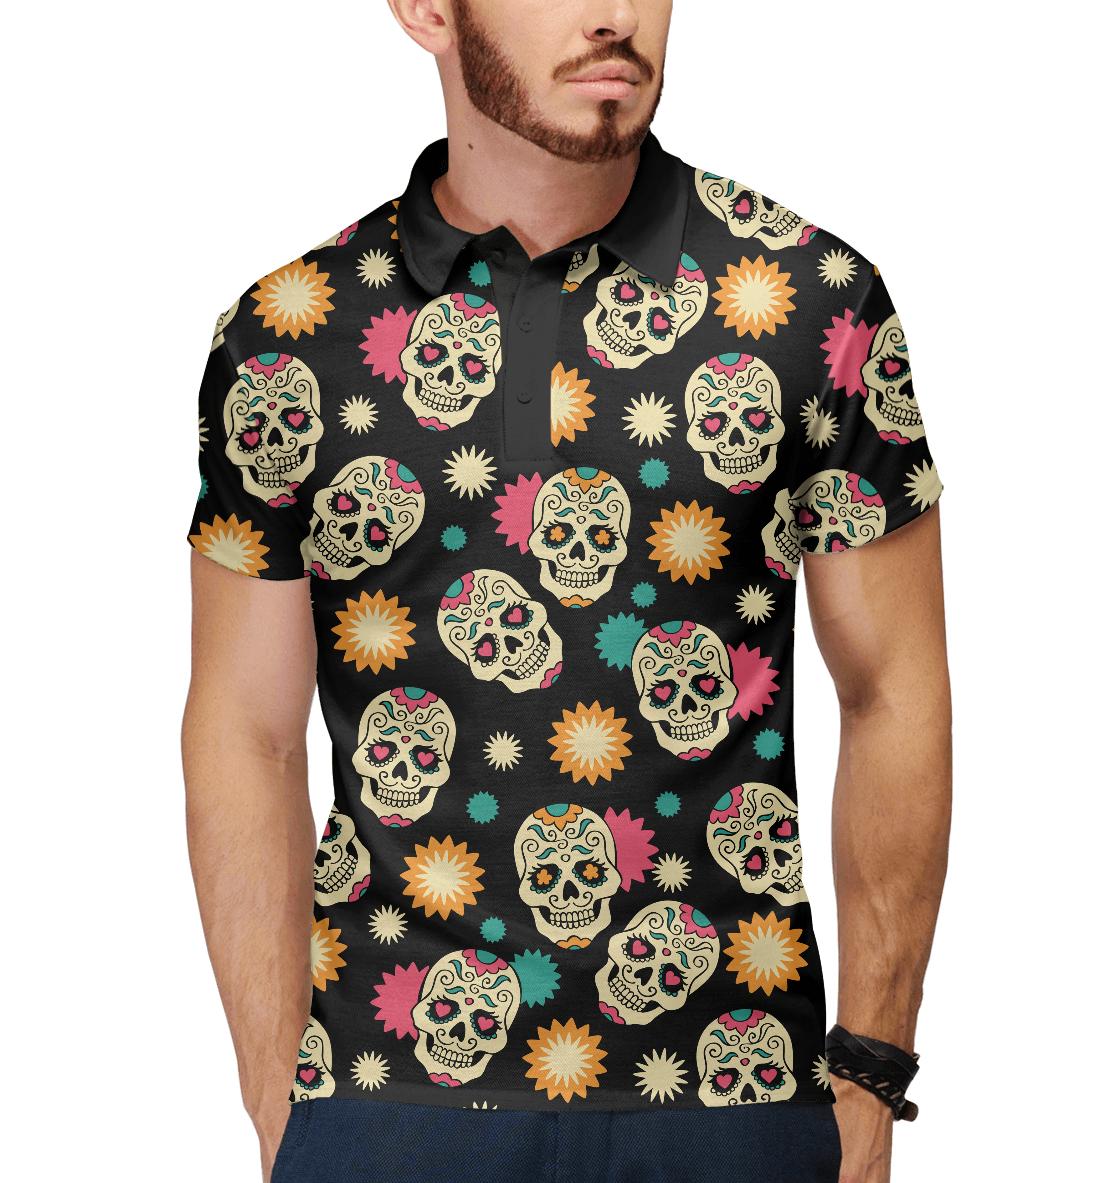 Купить День мёртвых, Мексика, Printbar, Поло, HIP-271313-pol-2